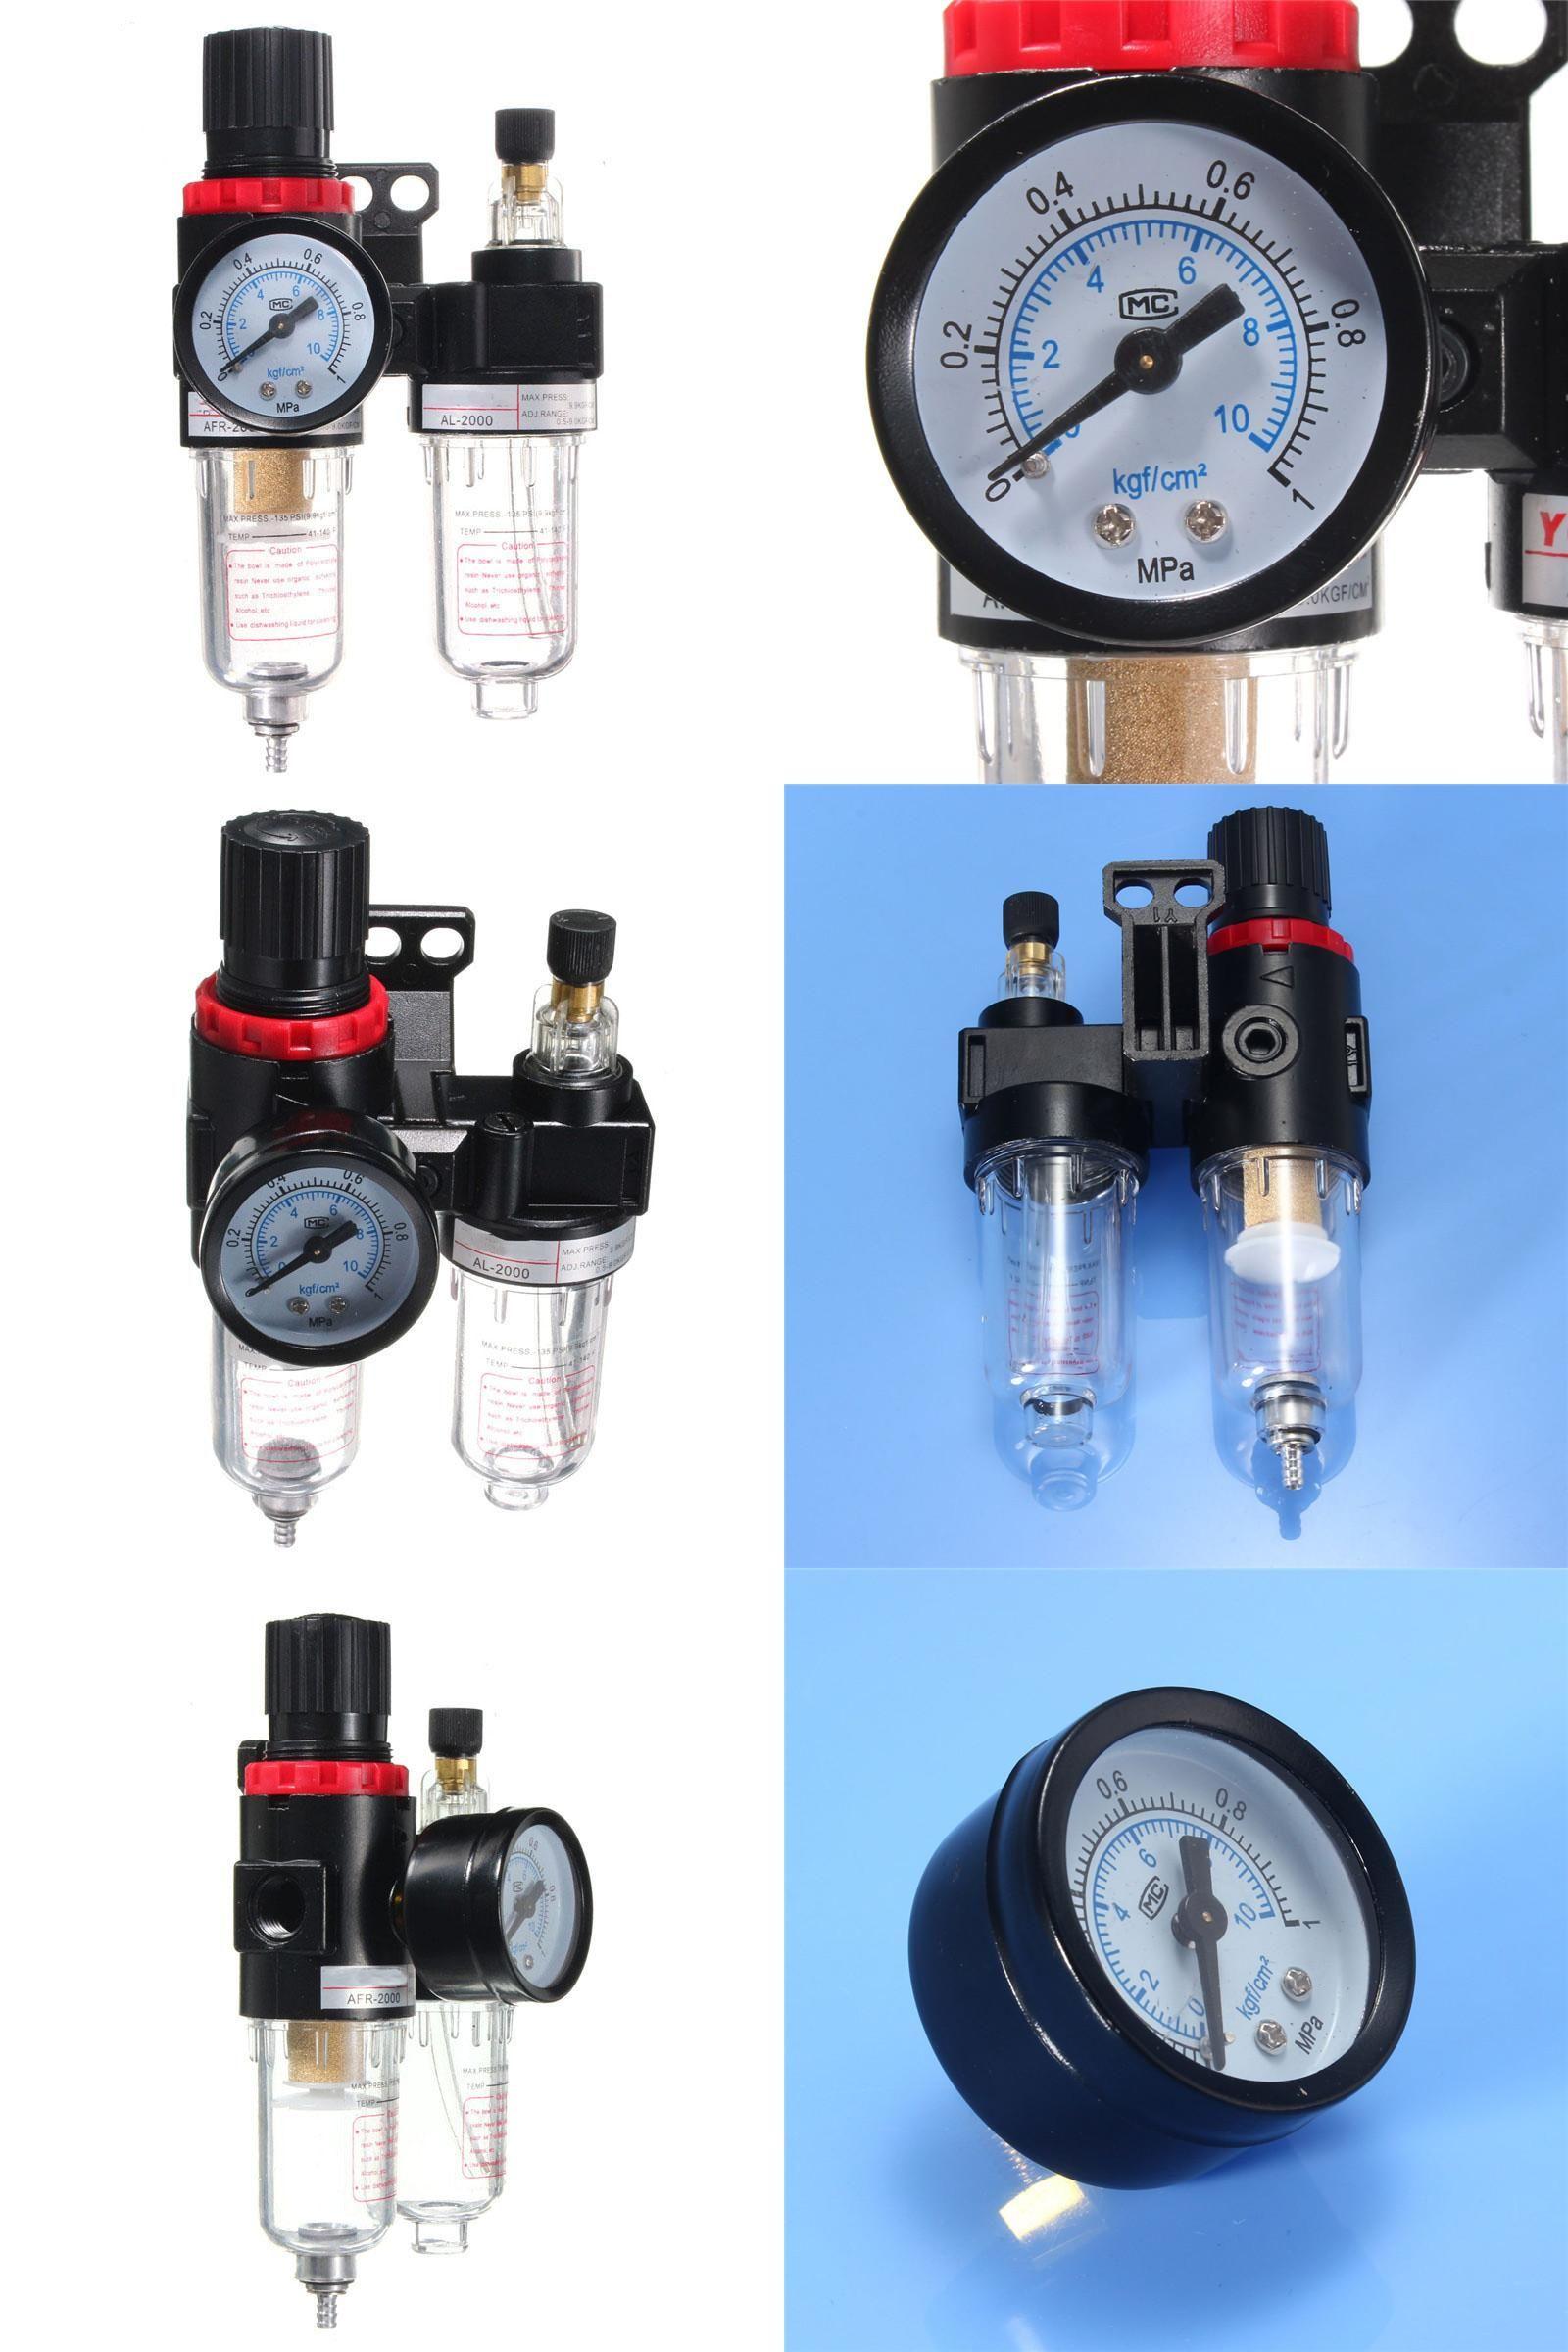 [Visit to Buy] NEW Metal Plastic Air Pressure Regulator